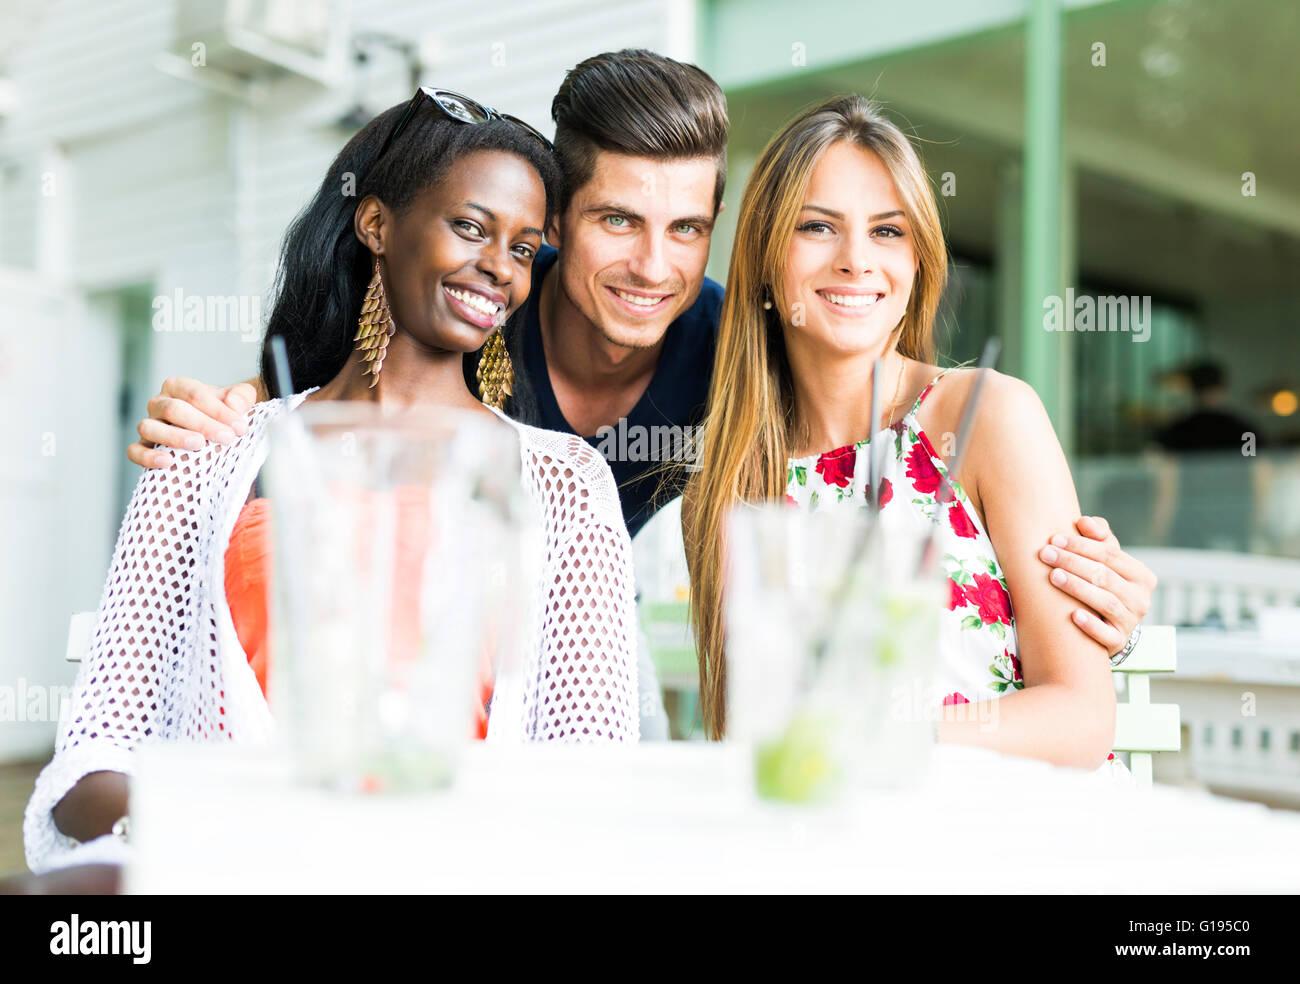 Happy friends smiling outdoors étant proches les uns des autres sur une journée d'été Photo Stock